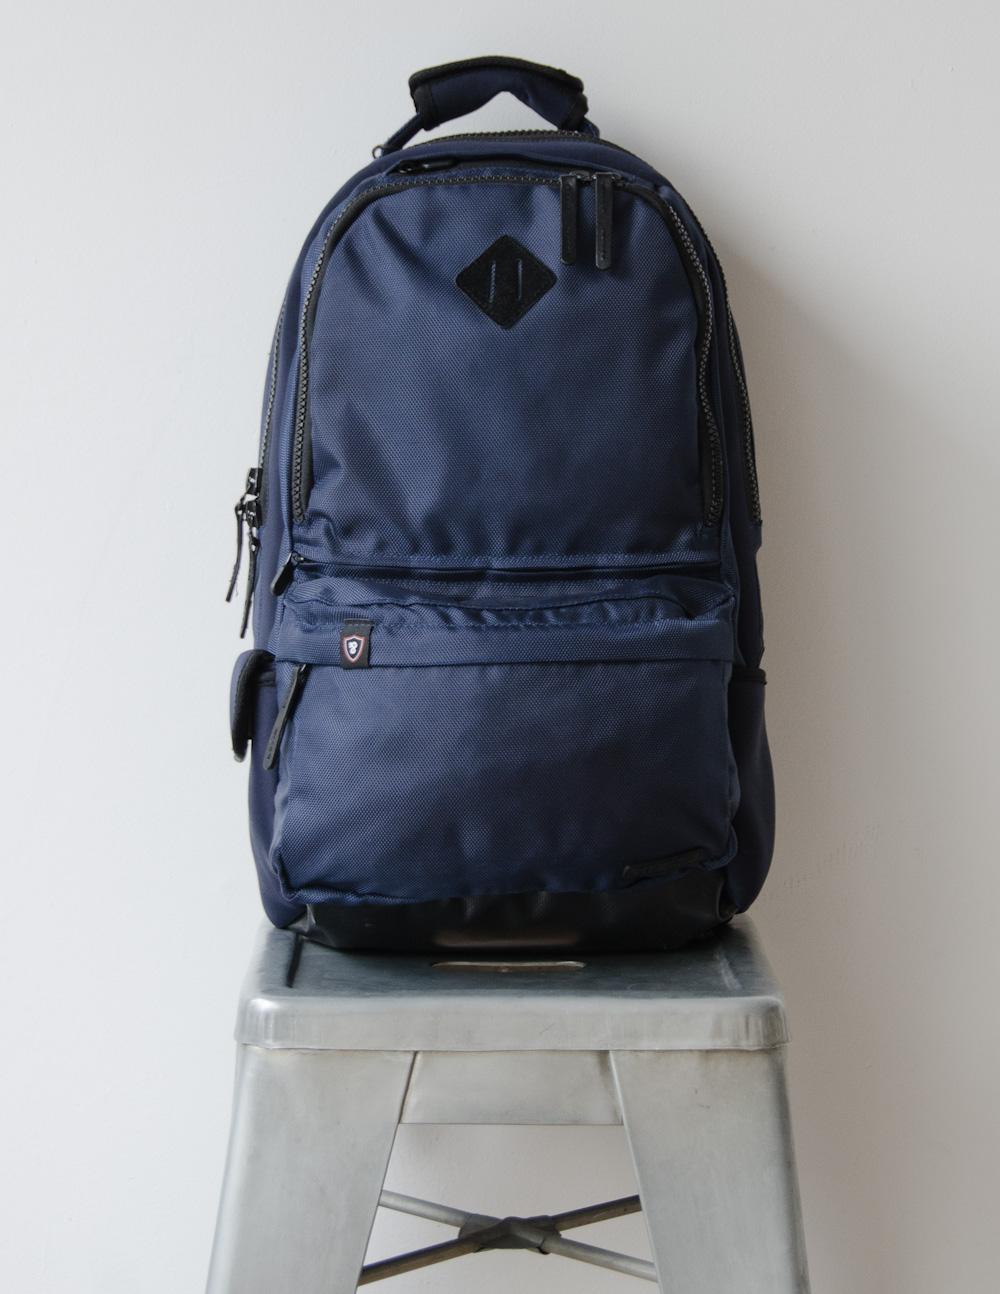 premium-picks-backpacks-3.jpg